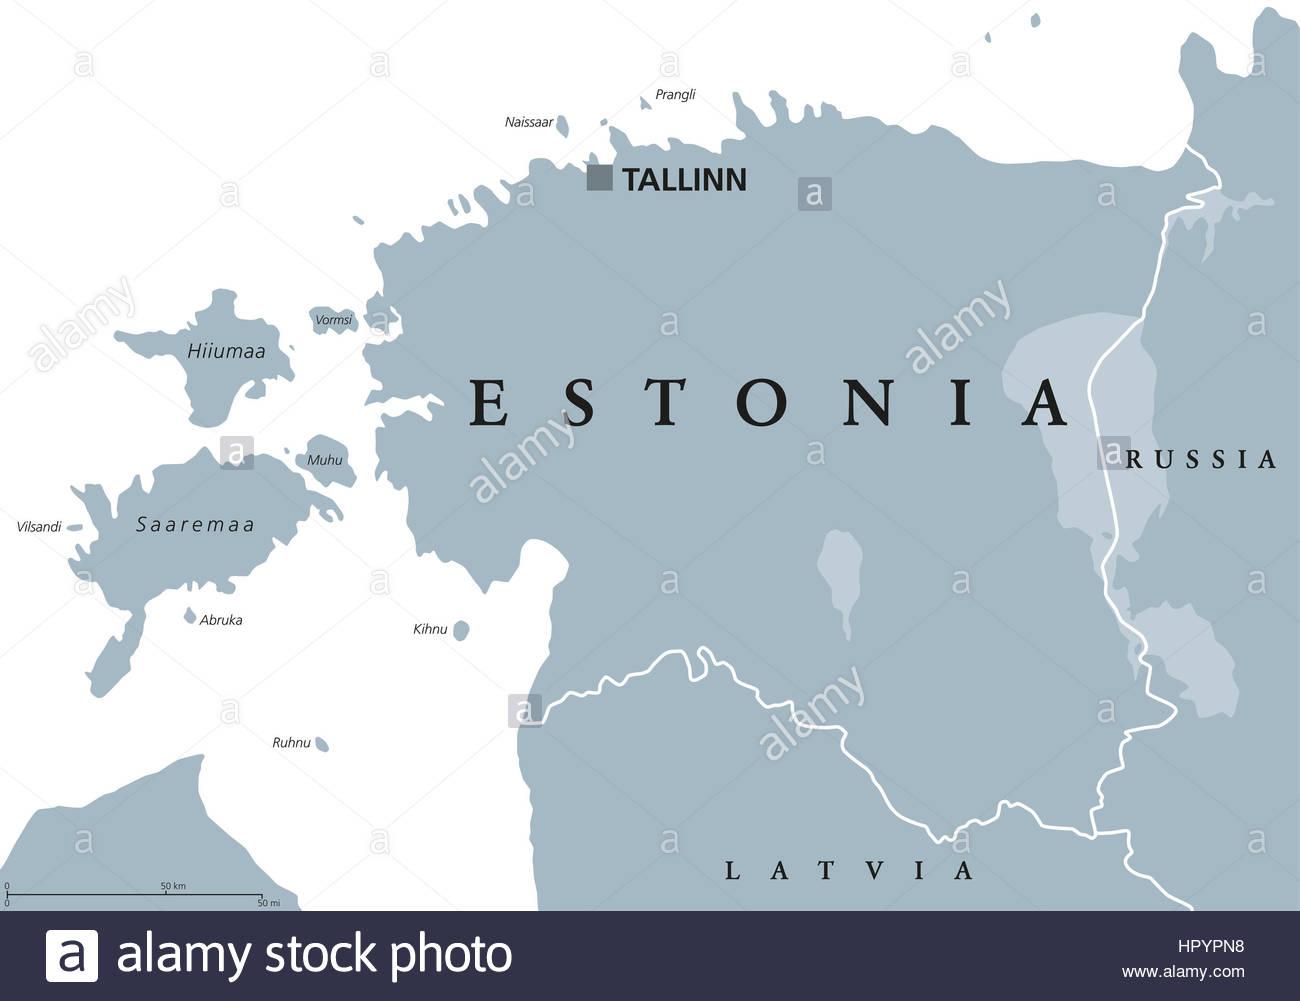 Carte Politique De L'estonie Avec Capitale De L'estonie, Les intérieur Carte Europe Avec Capitales